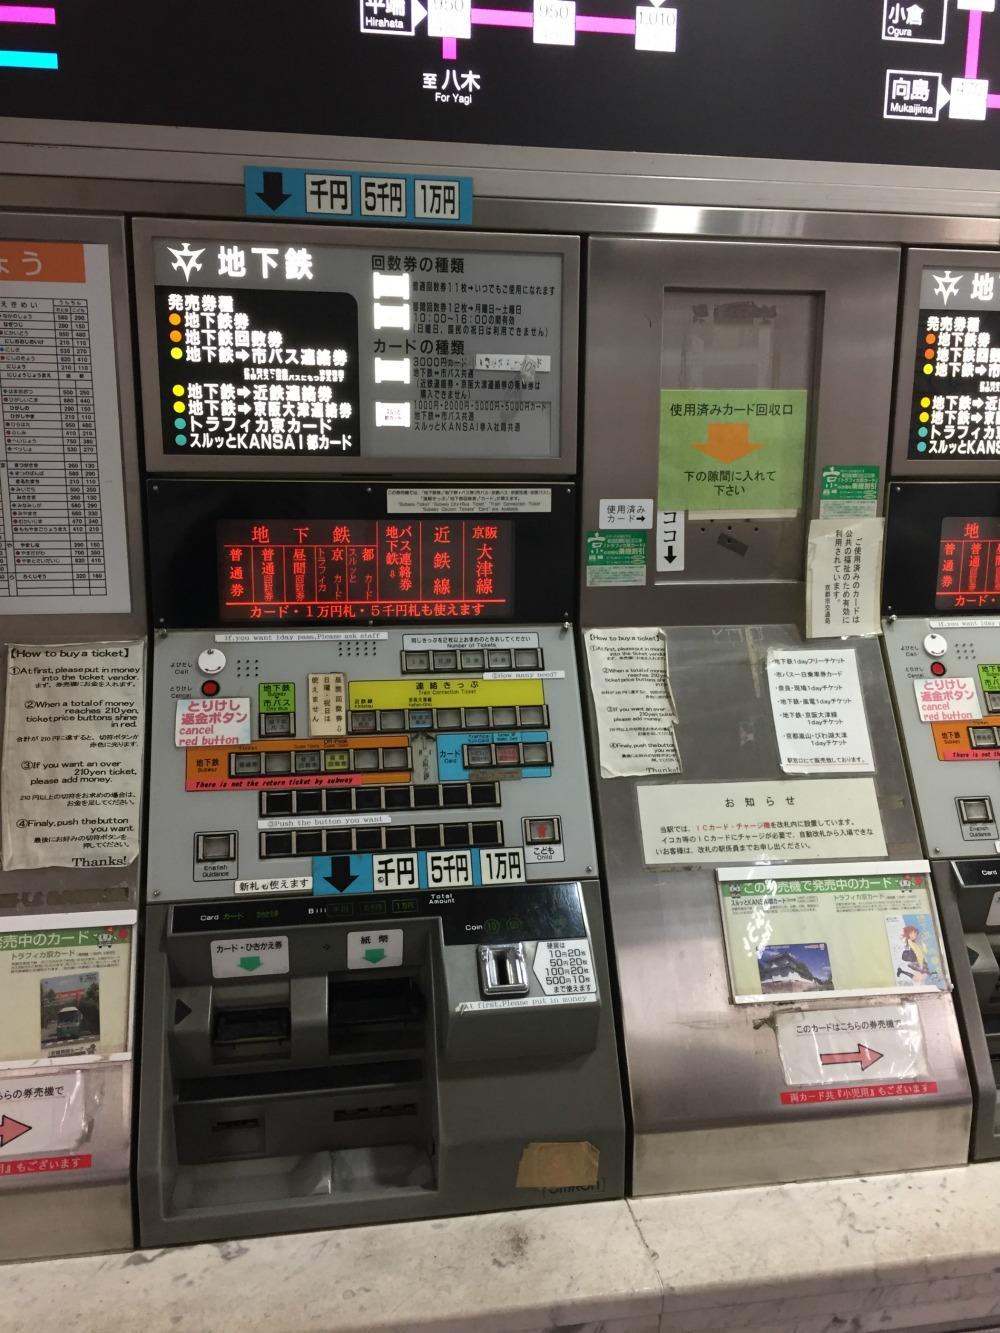 """No niin, tästäpä ostamaan sitten metrolippua! Good luck! Automaatit saa onneksi yleensä vaihdettua englanninkielelle, ja jos vieläkään ei onnistu, niin voi painaa """"apua""""-nappia. Silloin tuosta oikella olevasta luukusta (jossa on oranssi nuoli alaspäin), ilmestyy virkailijan pää, ja lippu on tuossa tuokiossa kädessäsi. Kätsää!"""